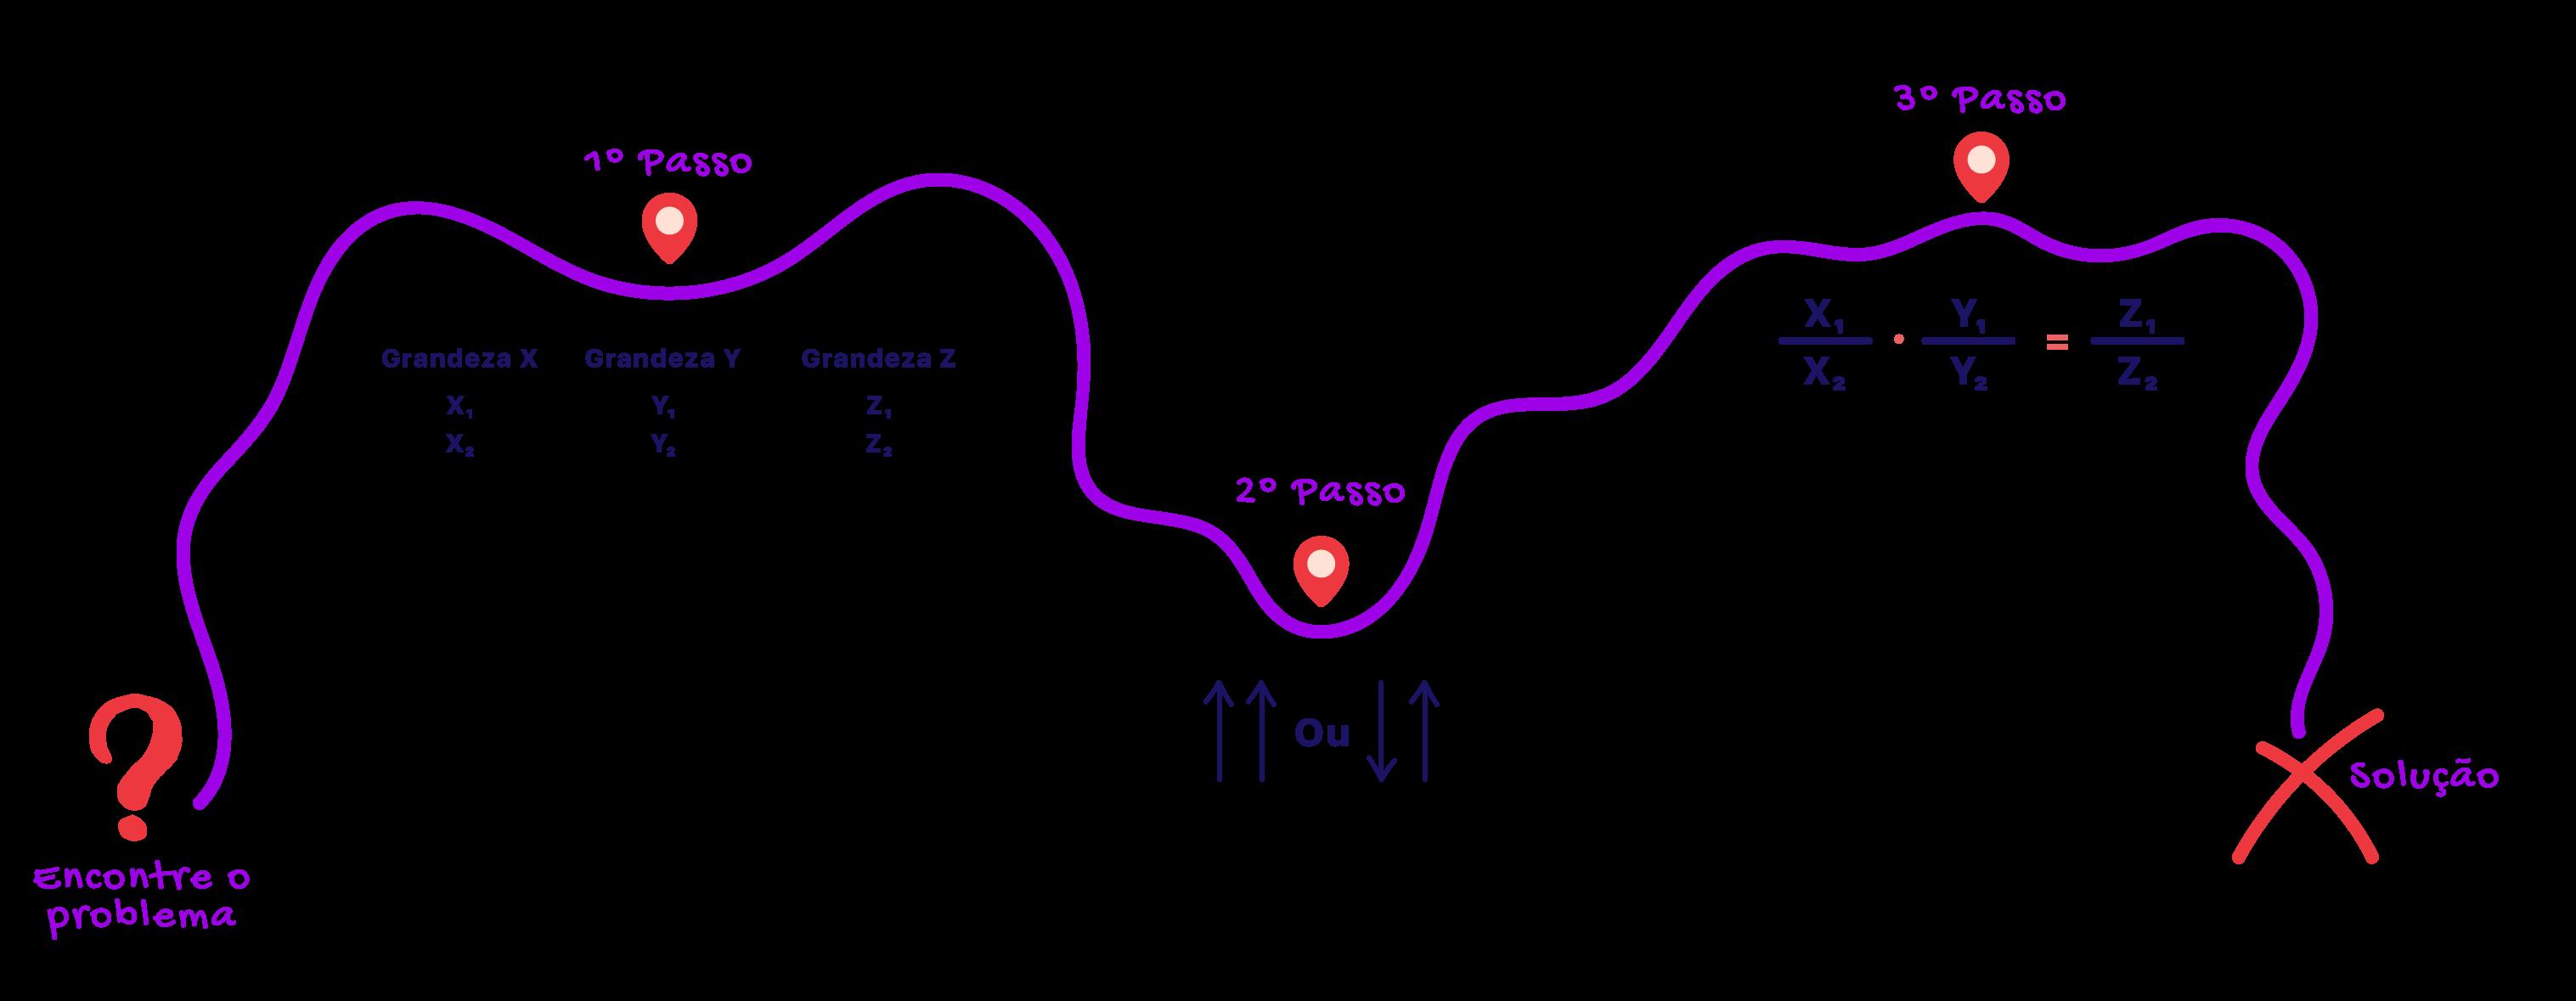 mapa onde são ilustrados os passos para resolver uma regra de três composta